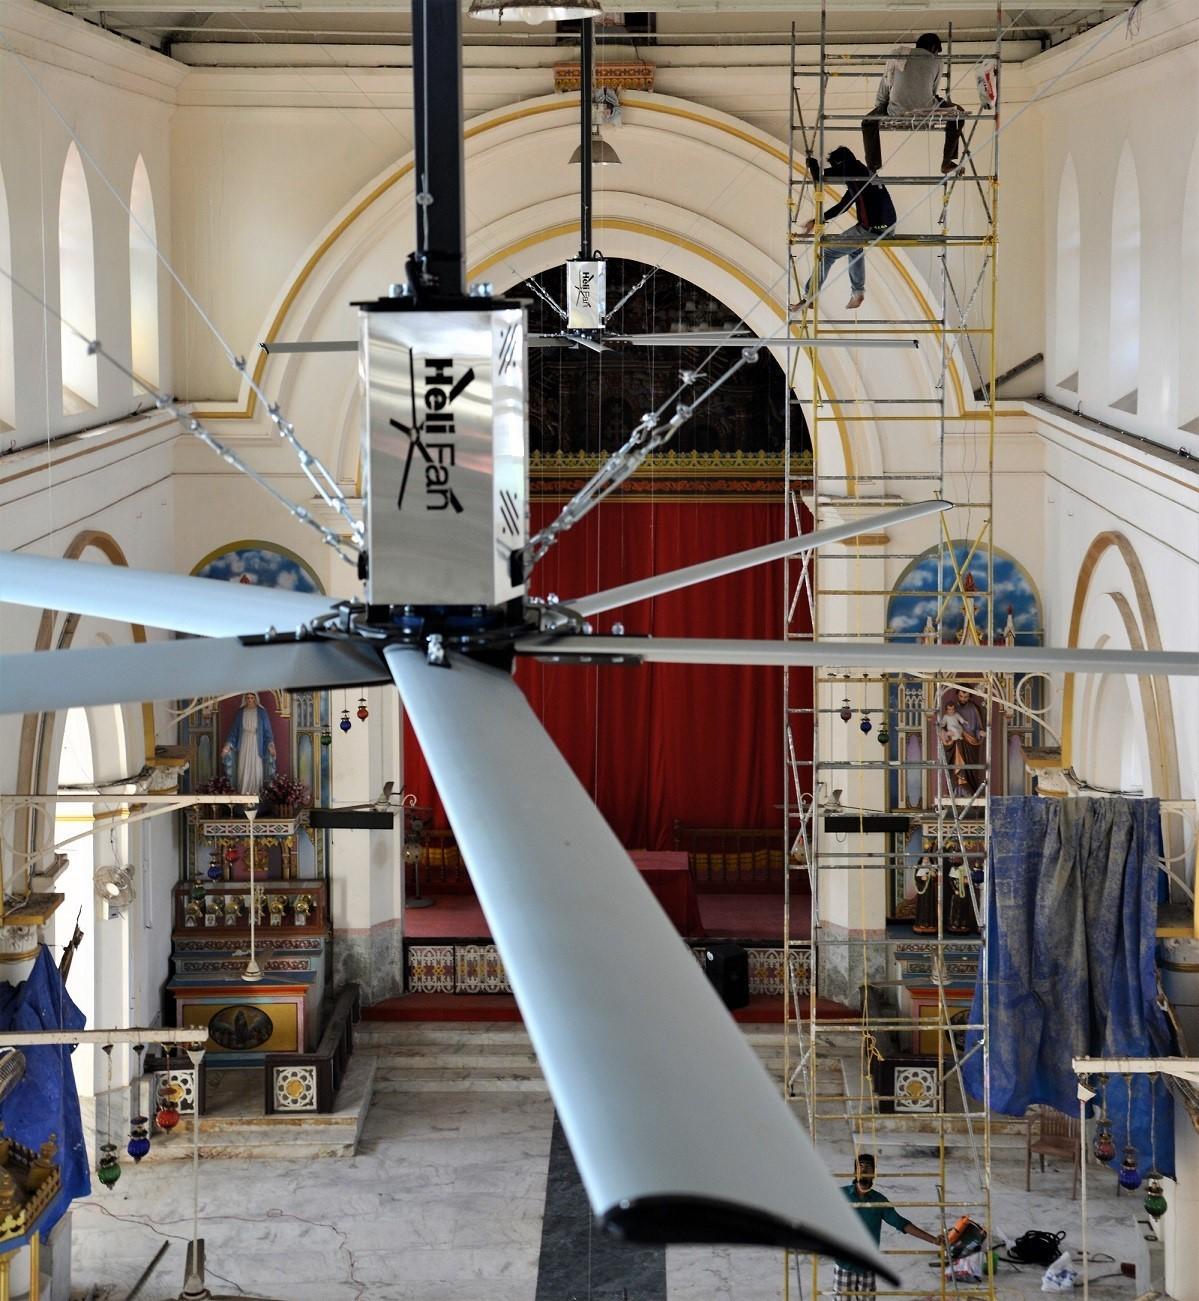 Helifan Of 8 Feet Diameter To 24 Feet NORD Motor